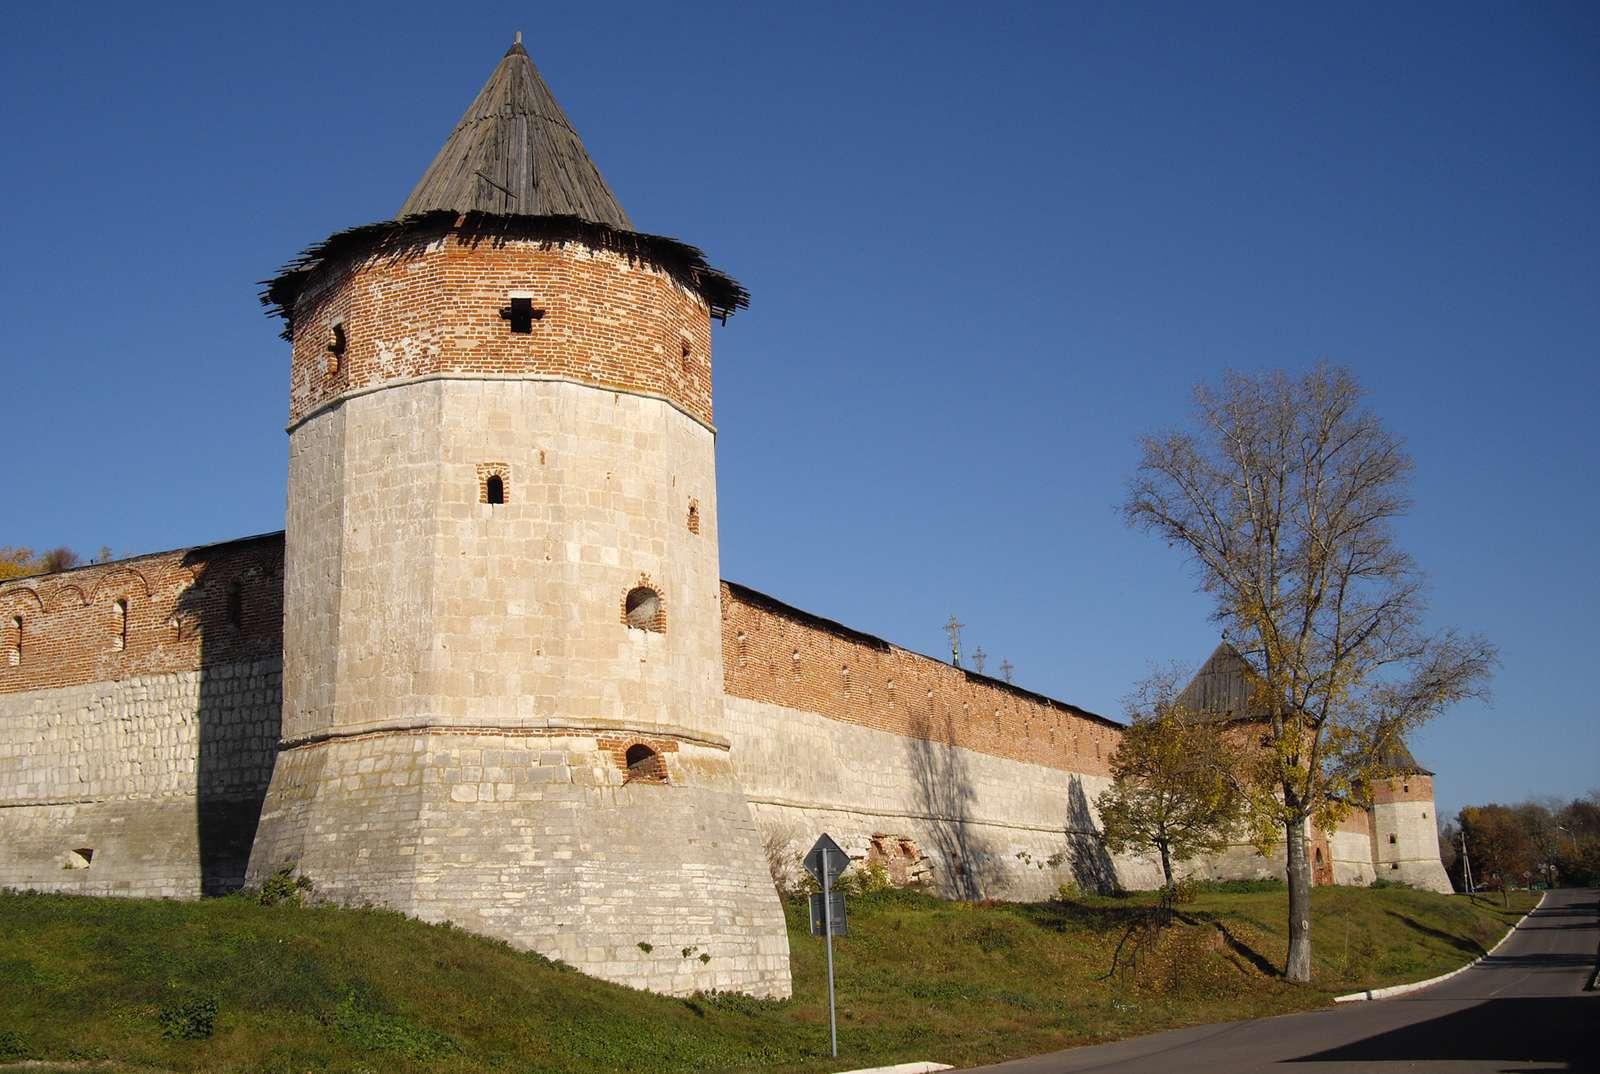 Пять самых популярных у туристов крепостей назвали в Подмосковье | Изображение 3